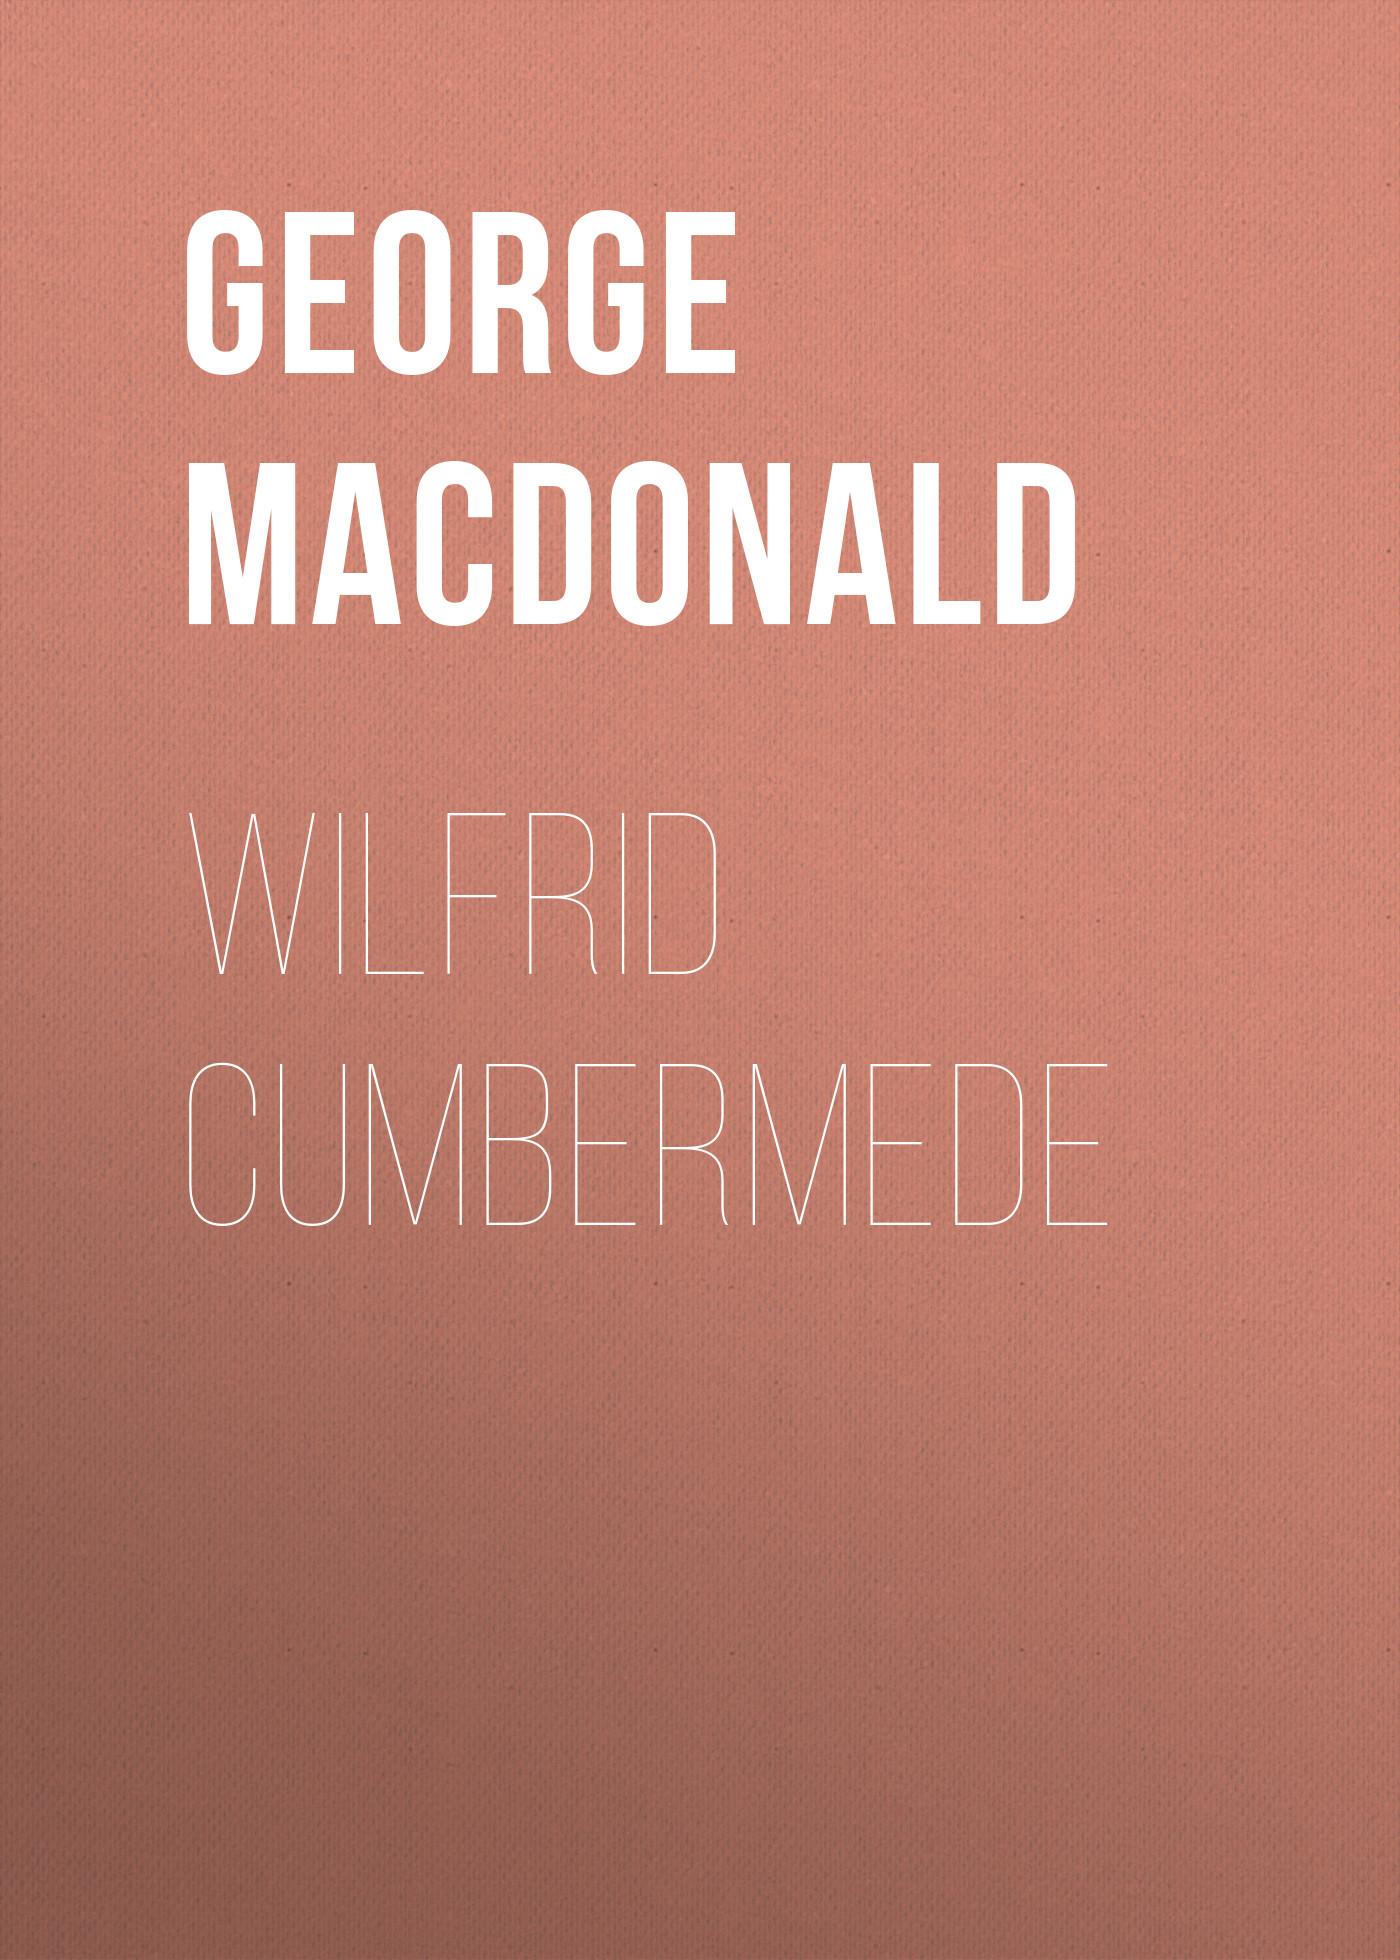 George MacDonald Wilfrid Cumbermede george macdonald alec forbes of howglen